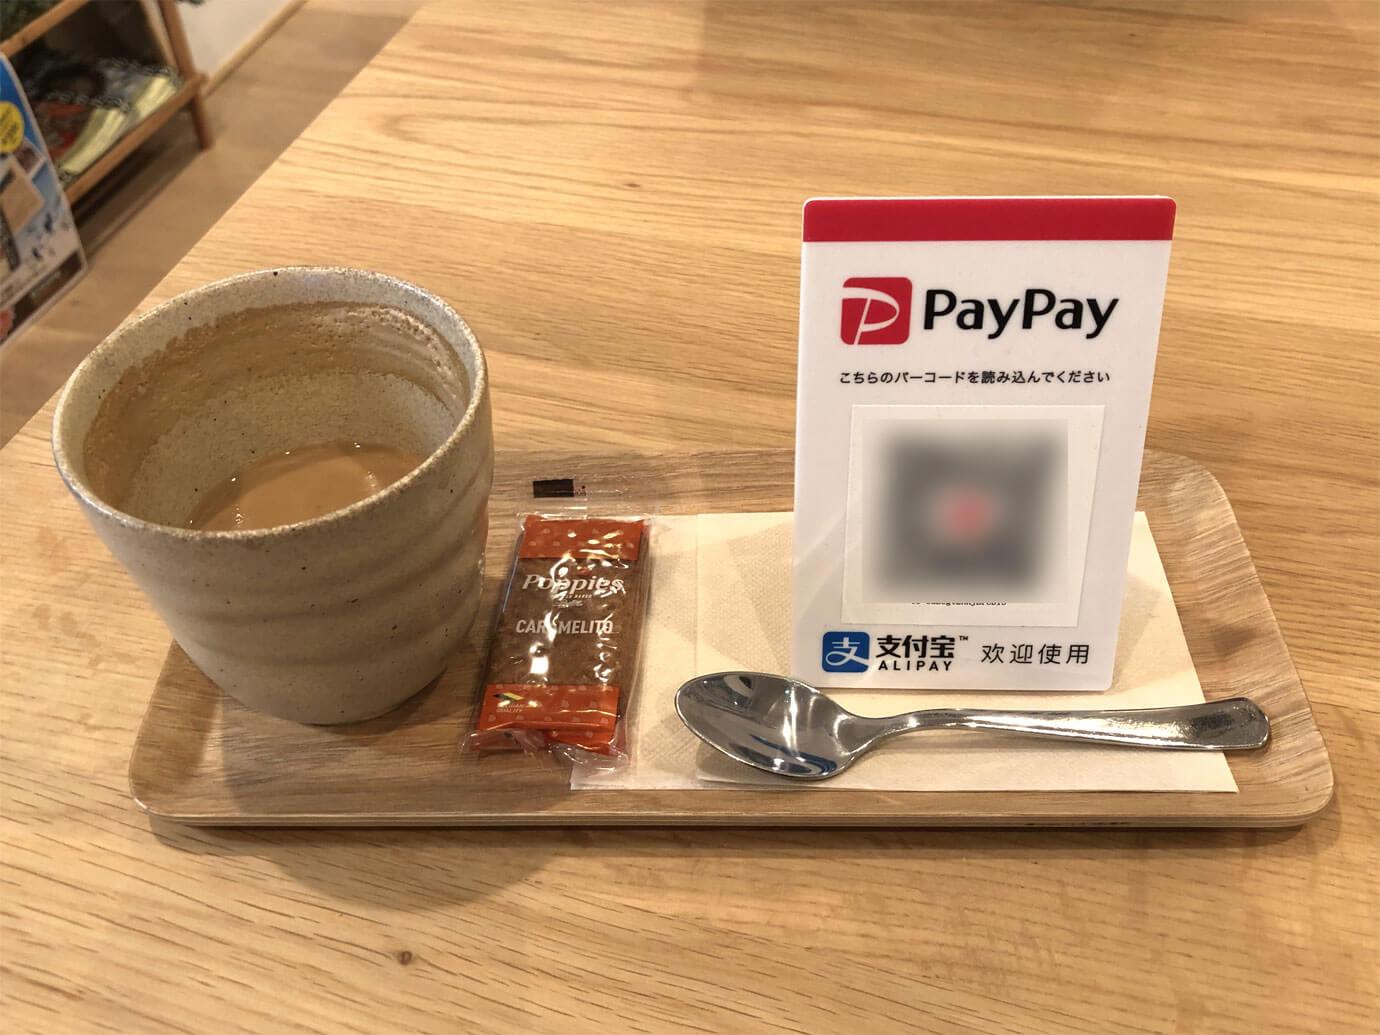 かなざわ珈琲世田谷店の珈琲とPayPay